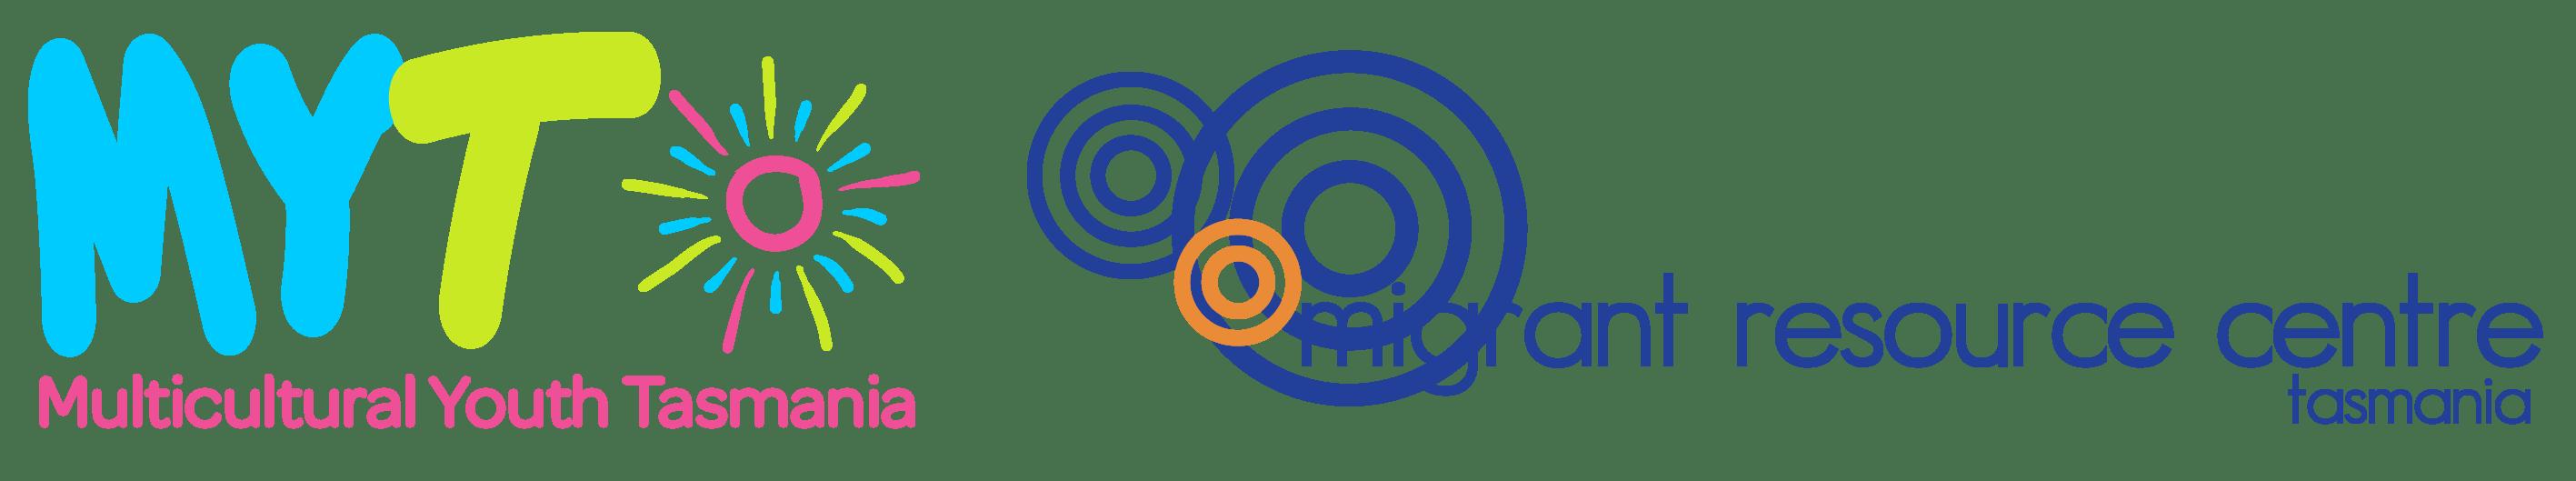 MYT logo + MRC Tas logo (large)